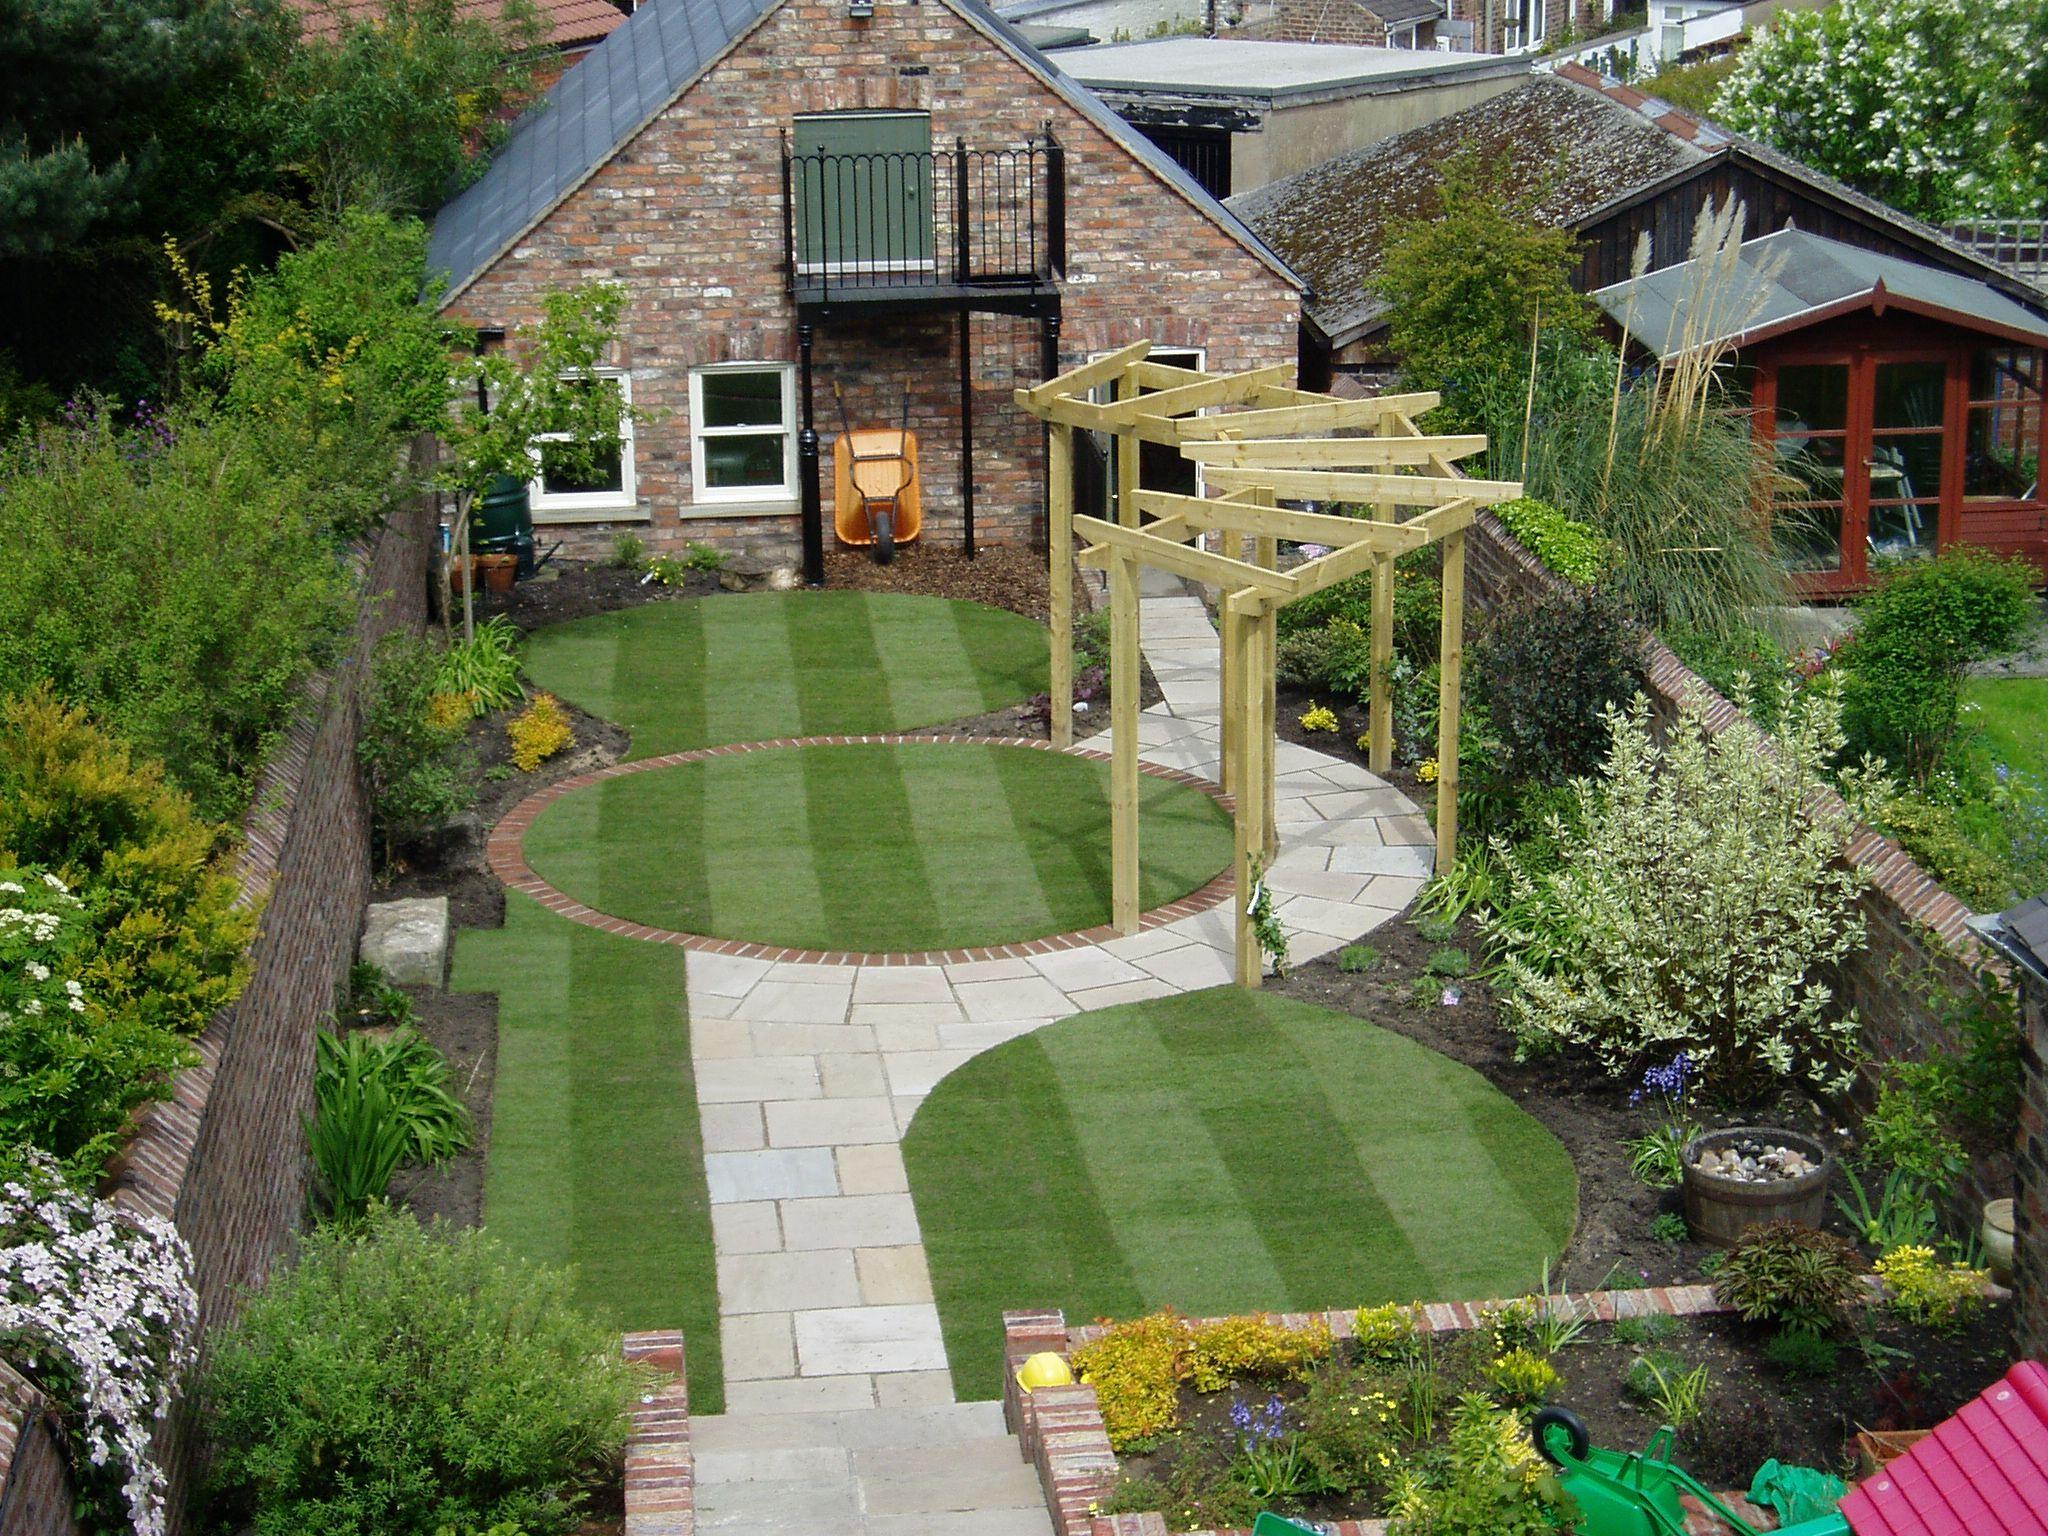 50 Modern Garden Design Ideas to Try in 2017 | Terrace ... on Modern Small Backyard Ideas id=99668